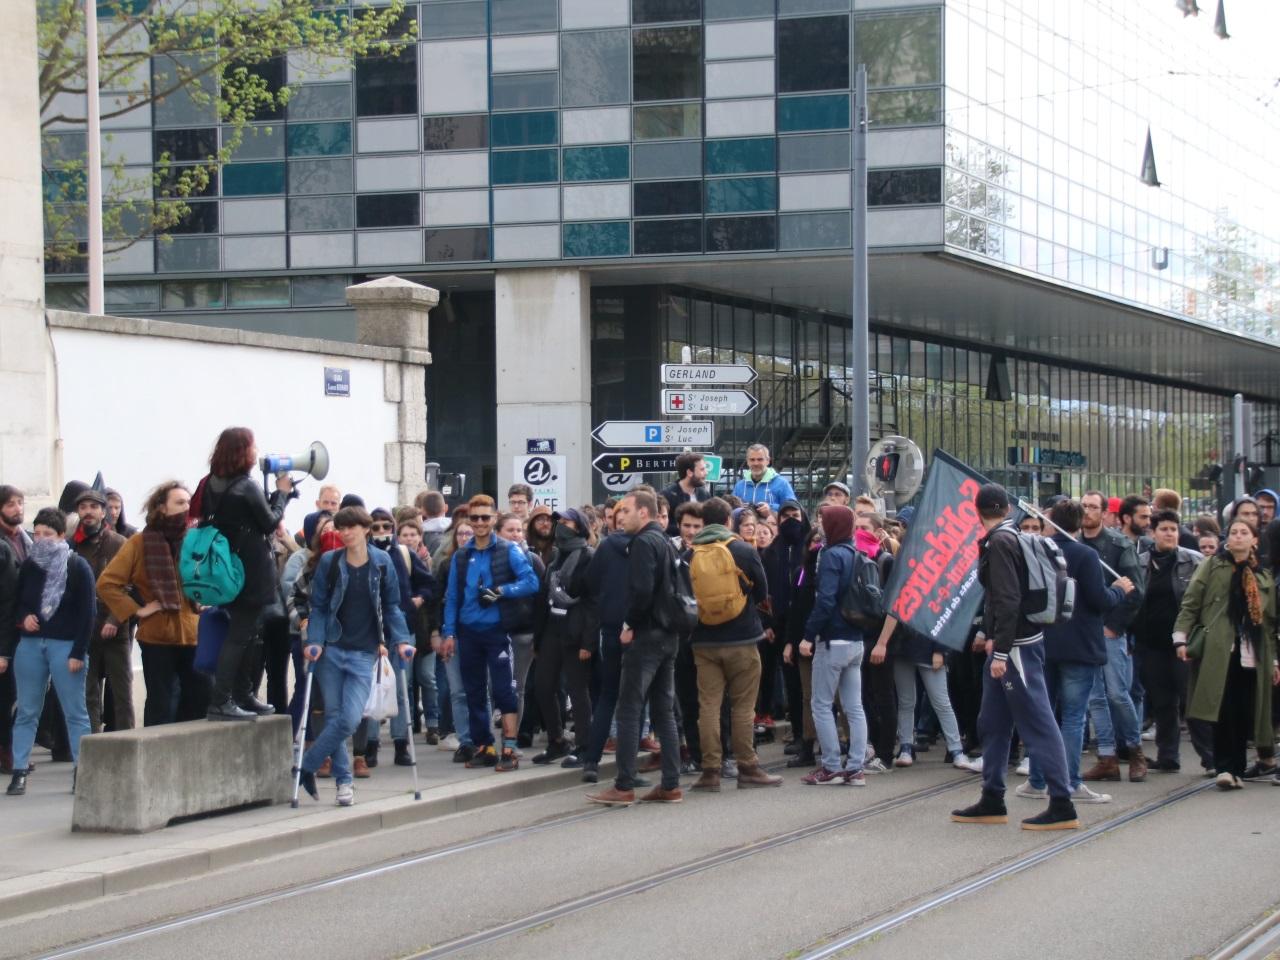 Les étudiants devant la fac sur les quais - LyonMag